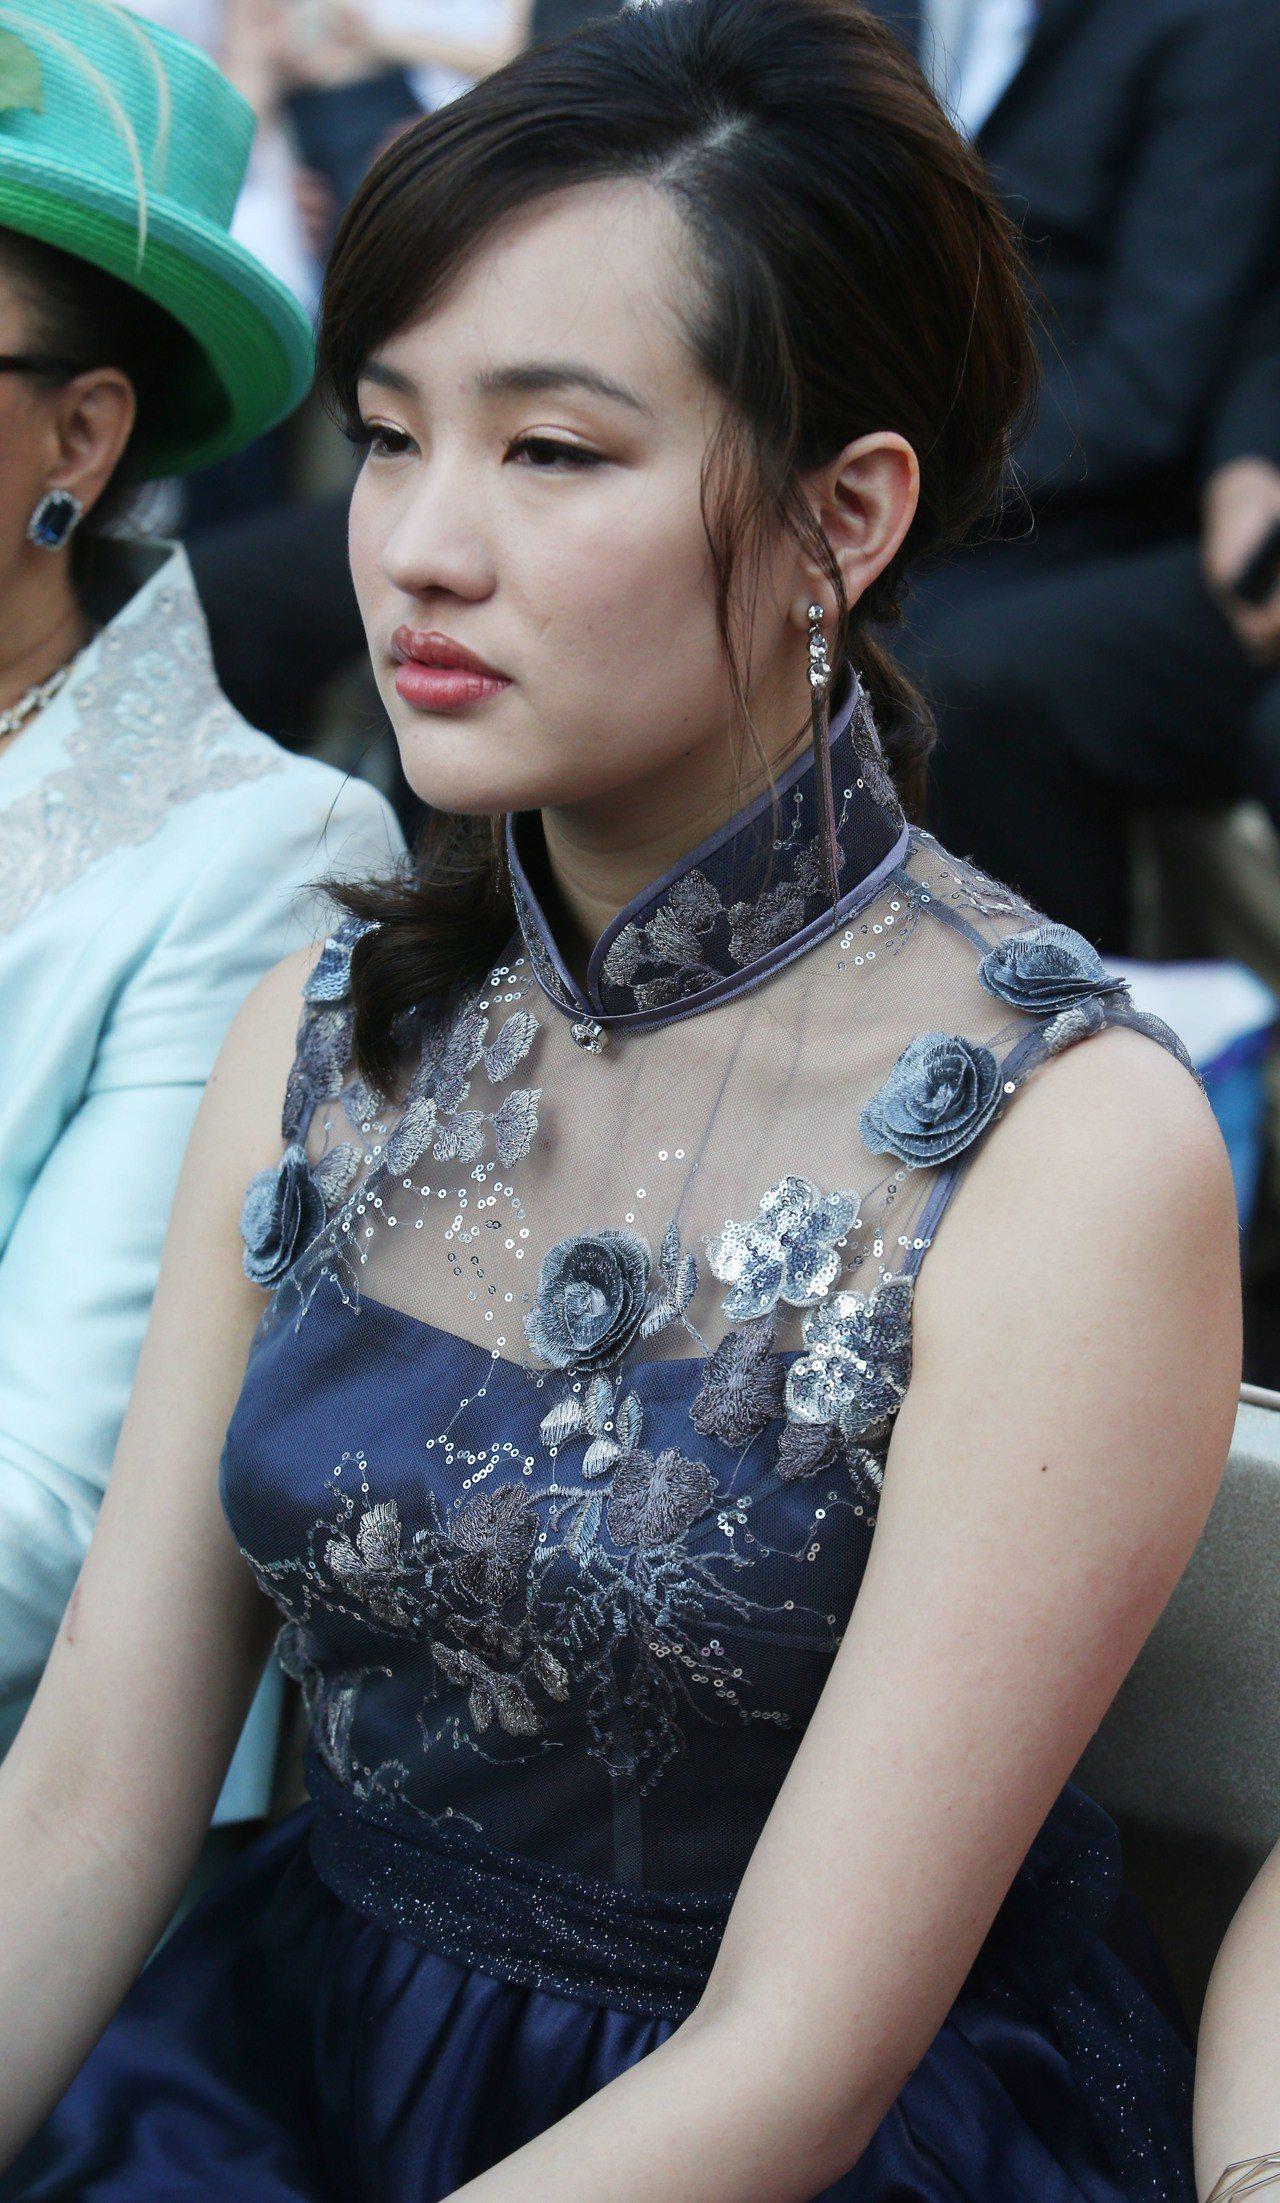 高雄市長韓國瑜女兒韓冰上午盛裝出席高雄市長就職典禮。記者劉學聖/攝影